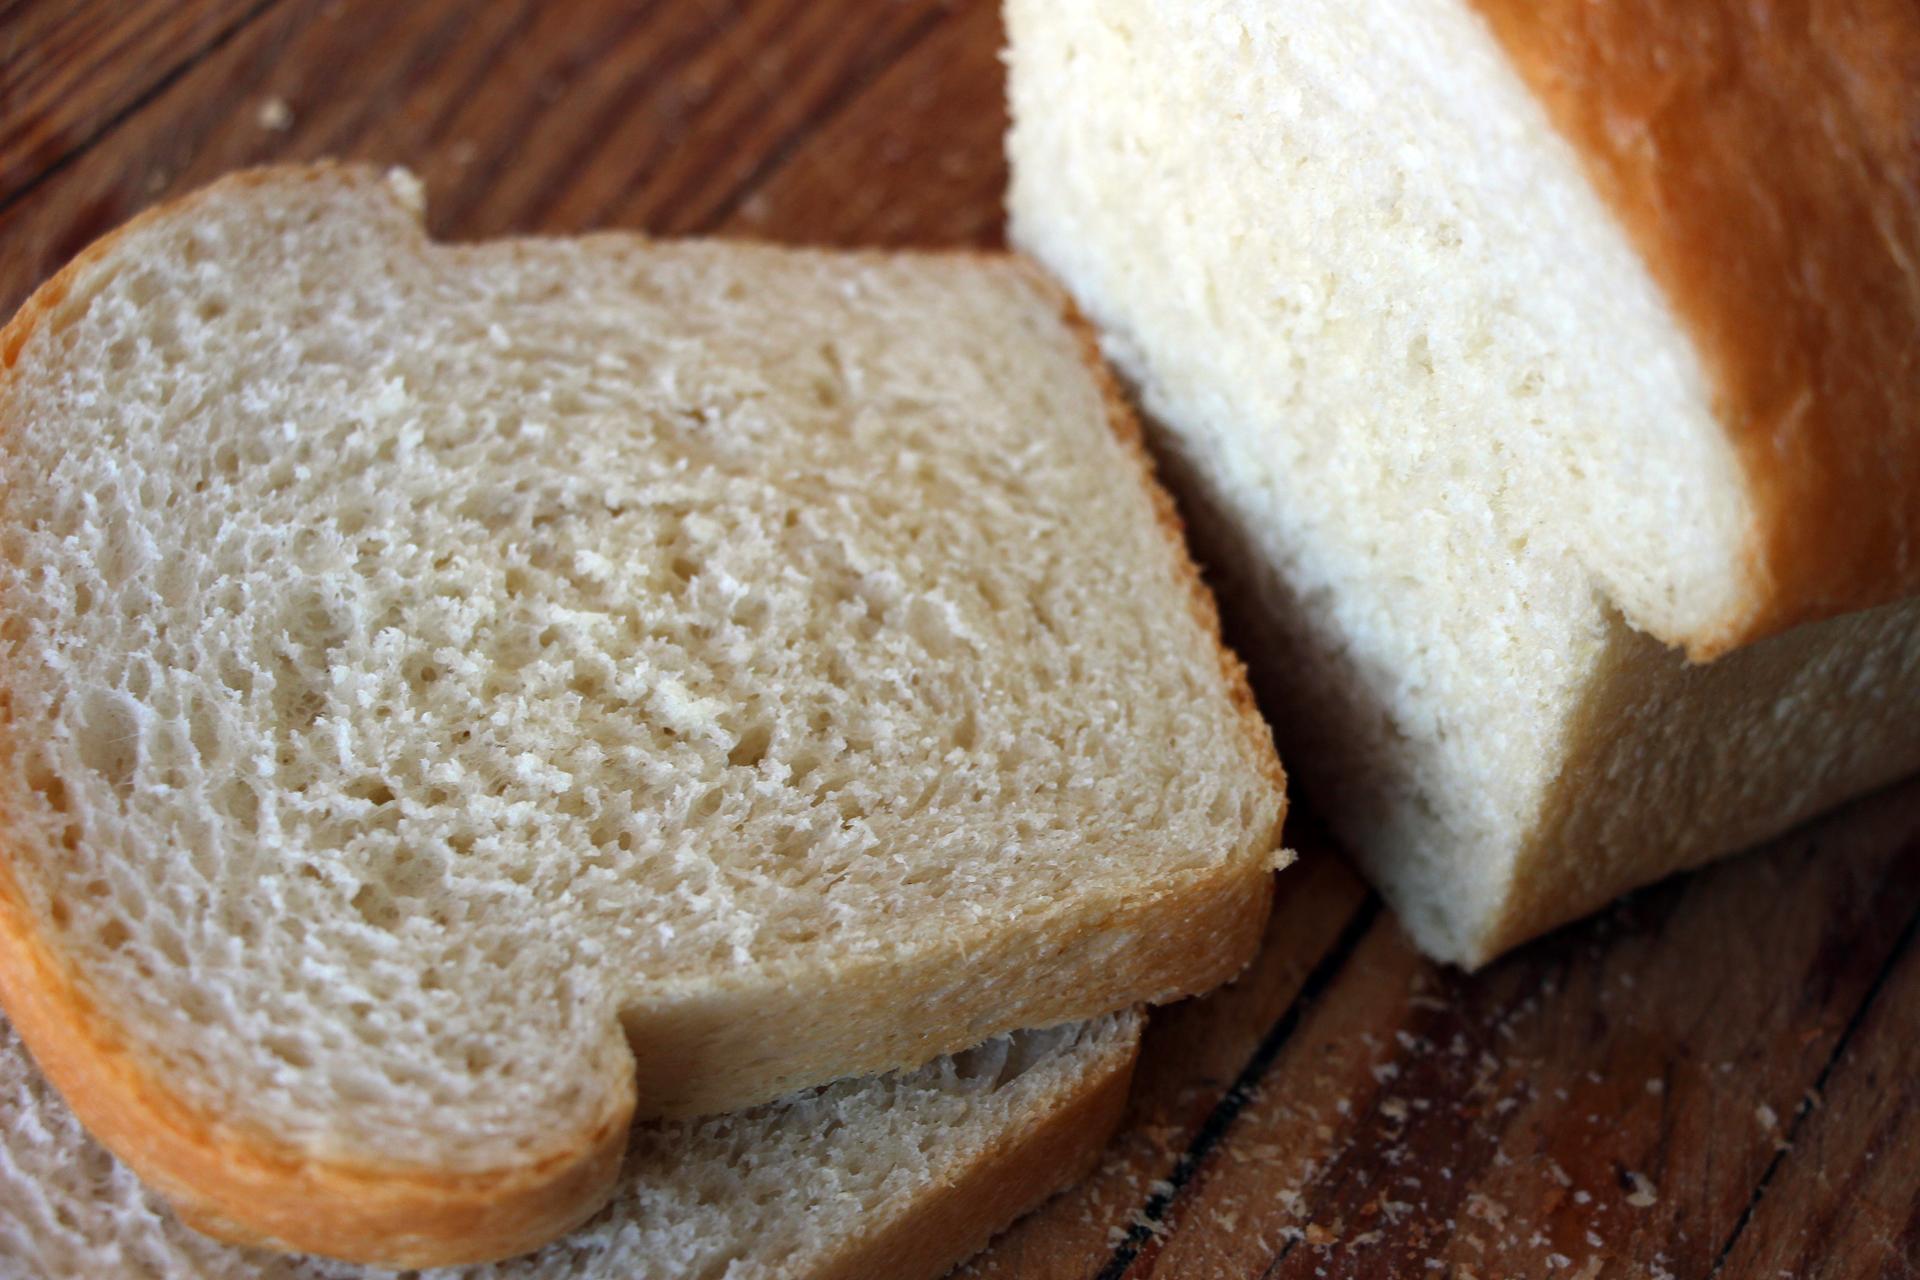 Sliced Homemade White Sandwich Bread